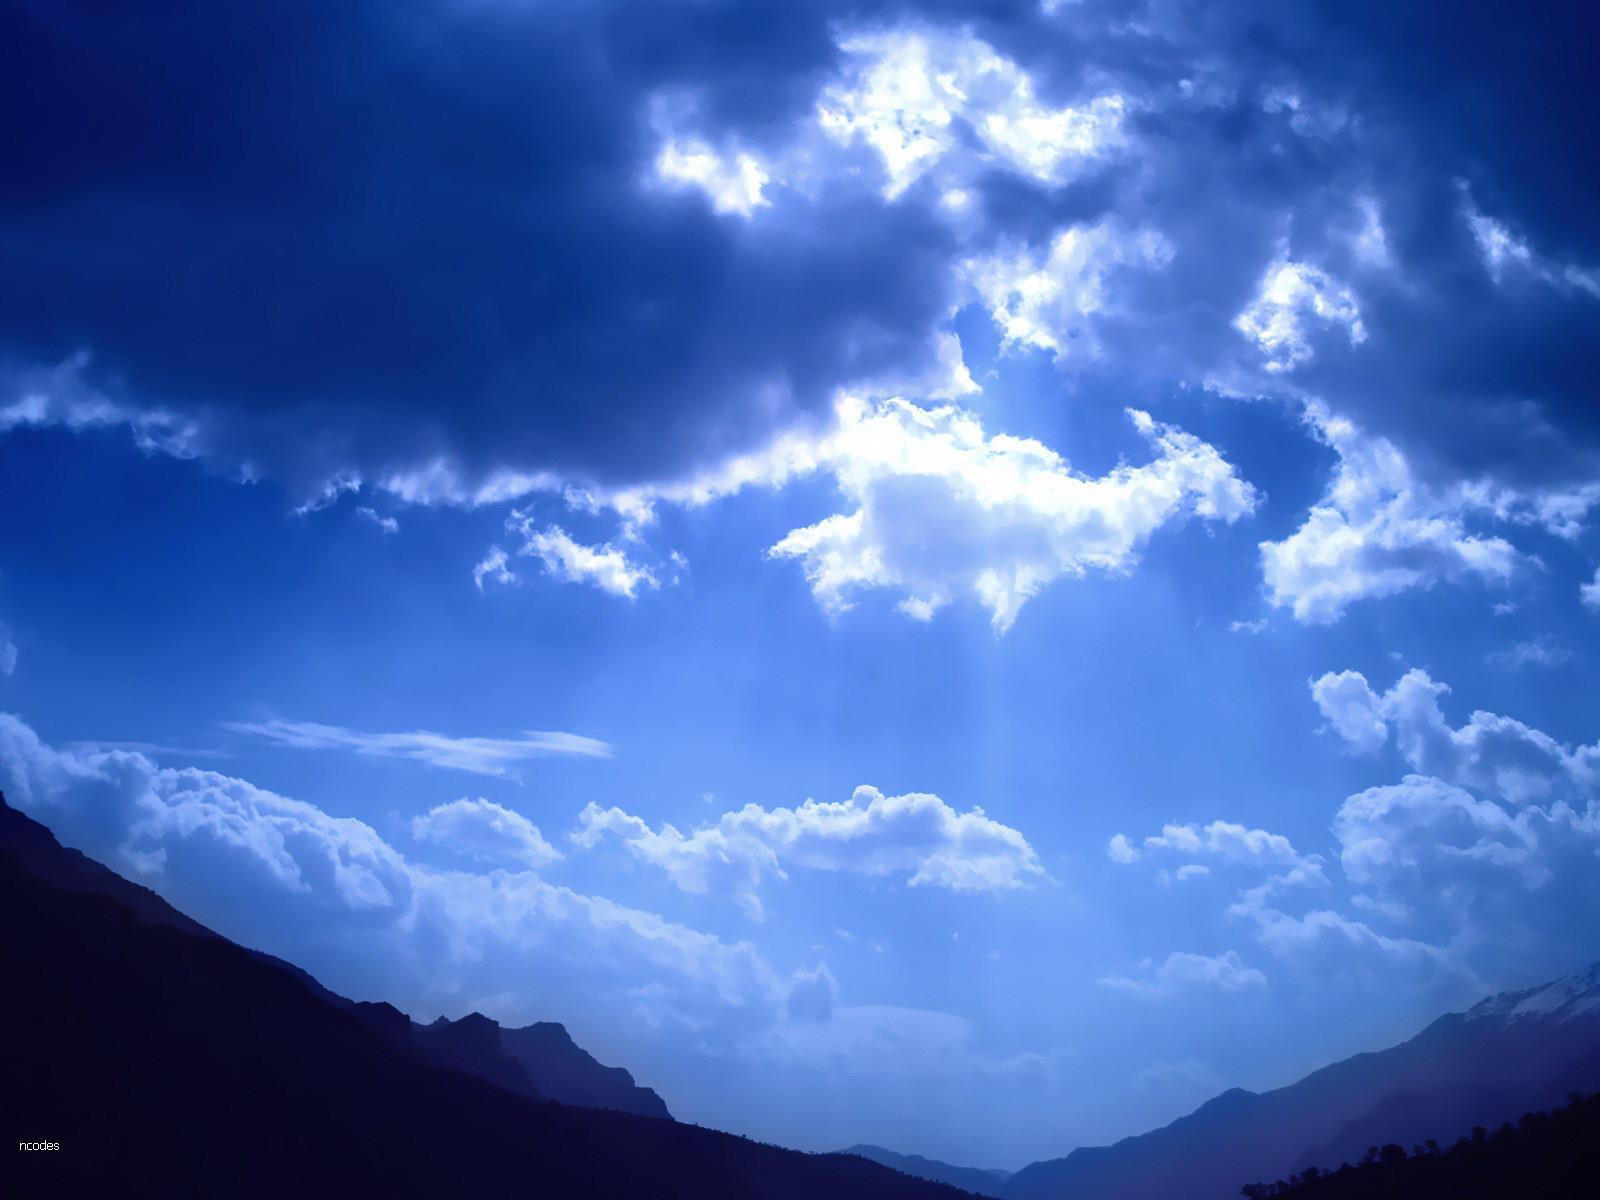 禪是什麼?這大自然的法則、大自然的現象、大自然的生命、大自然的智慧、大自然的圓融力量(就是圓滿),就是禪;所以禪包含了一切科學、一切宗教、一切哲學、一切自然科學、一切變化……全部都在禪裏面。曾經有人說,禪是達摩祖師來中國所傳的,所以認為禪只屬於佛教,但從以上可知,禪的確不是佛教的專利,是每一位眾生的權利。任何宗教的教主,不管是基督教的上帝、佛教的佛陀、還有回教的阿拉真主……都是在得到了禪的智慧以後,才與自己所信仰的最高主宰在一起的。因此,如果你反對禪修,是因為你不認識禪。禪只是一個代名詞,祂的實體沒有變。比方說你今天的名子叫做「甲」,明天又叫做「乙」,後天叫做「丙」,雖然有三種不同的稱呼,但都是「你」;如果你非要把「甲」、「乙」、「丙」看成三個不同的人,那就說不通了,那就是執著。人之所以不能成佛,就是因為「執著」,而要破執著,就是要有智慧。 -悟覺妙天禪師